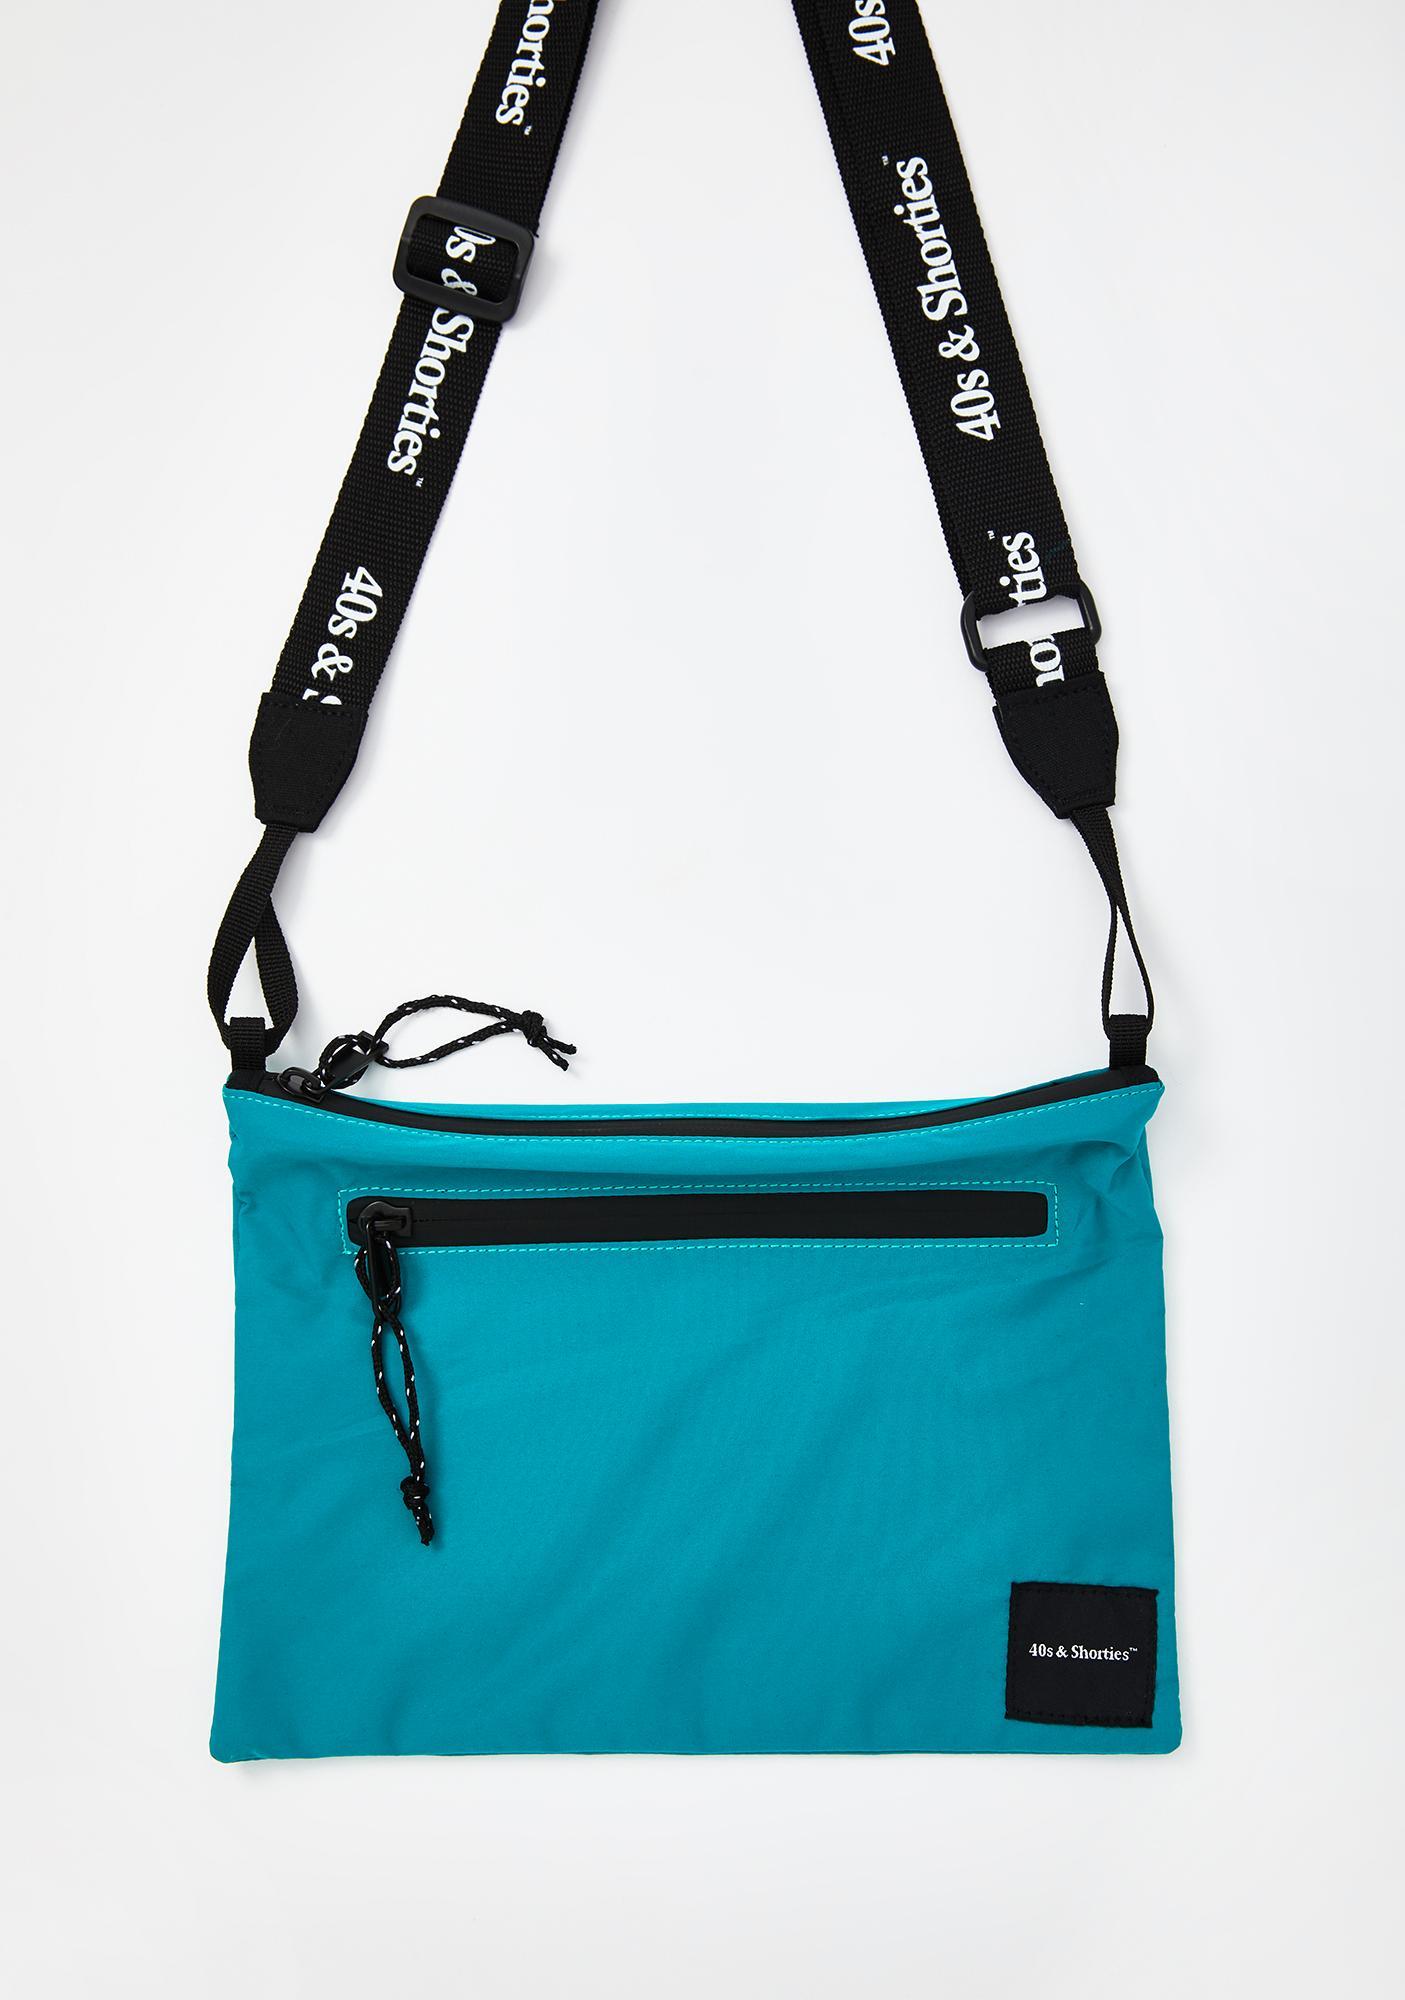 40s & Shorties Standard Slim Bag